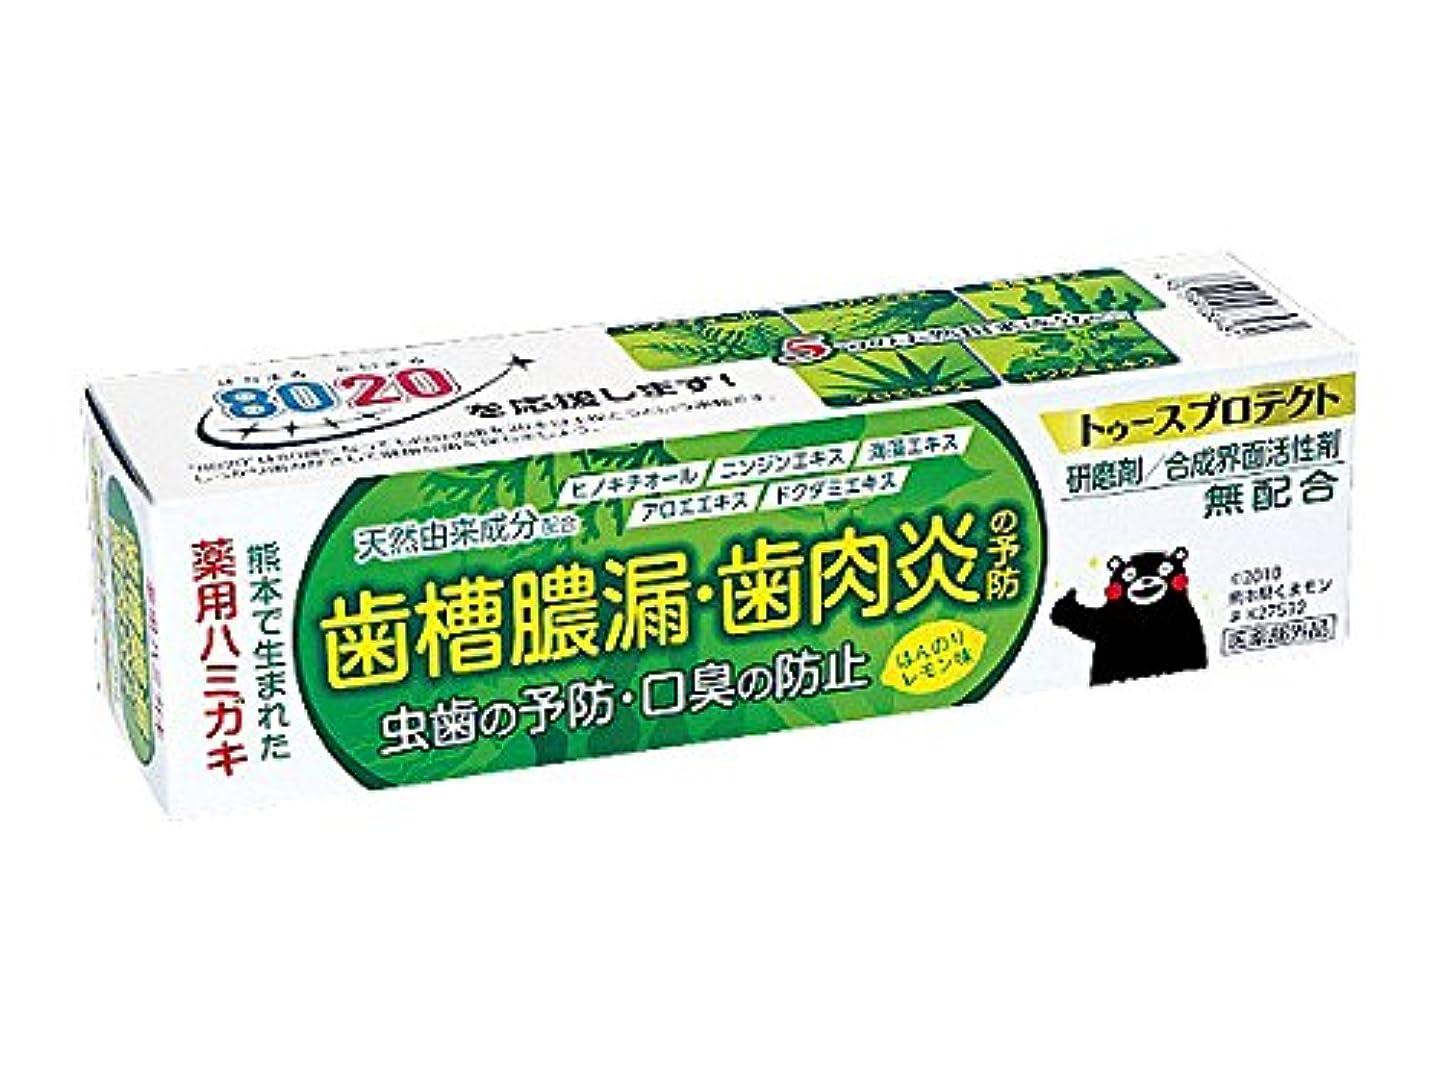 誤適応加速するトゥースプロテクト100g [医薬部外品]